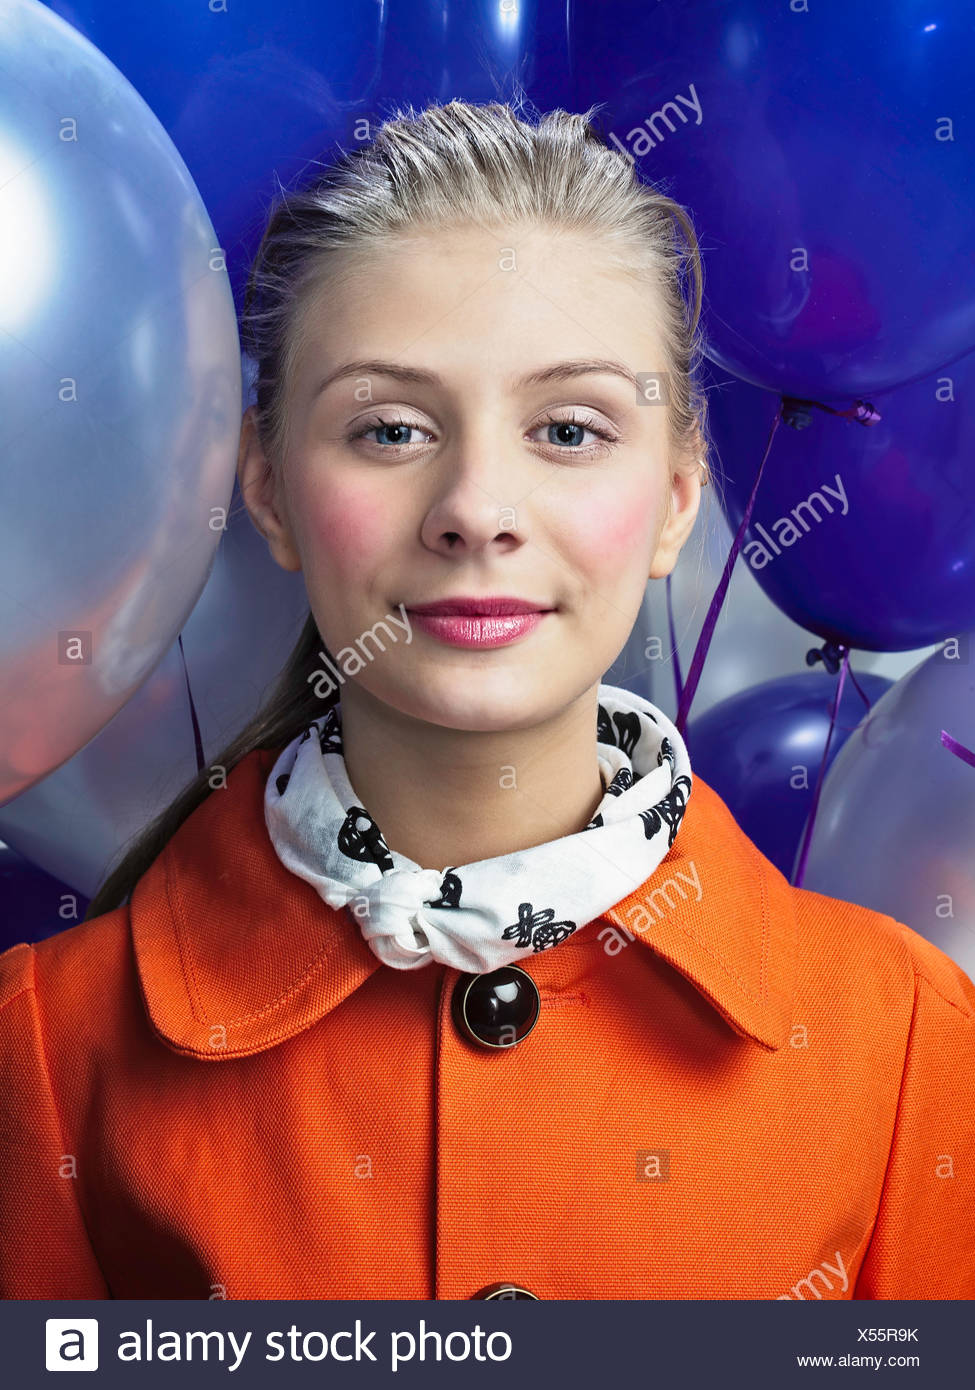 Lächelnde Frau mit Luftballons Stockbild